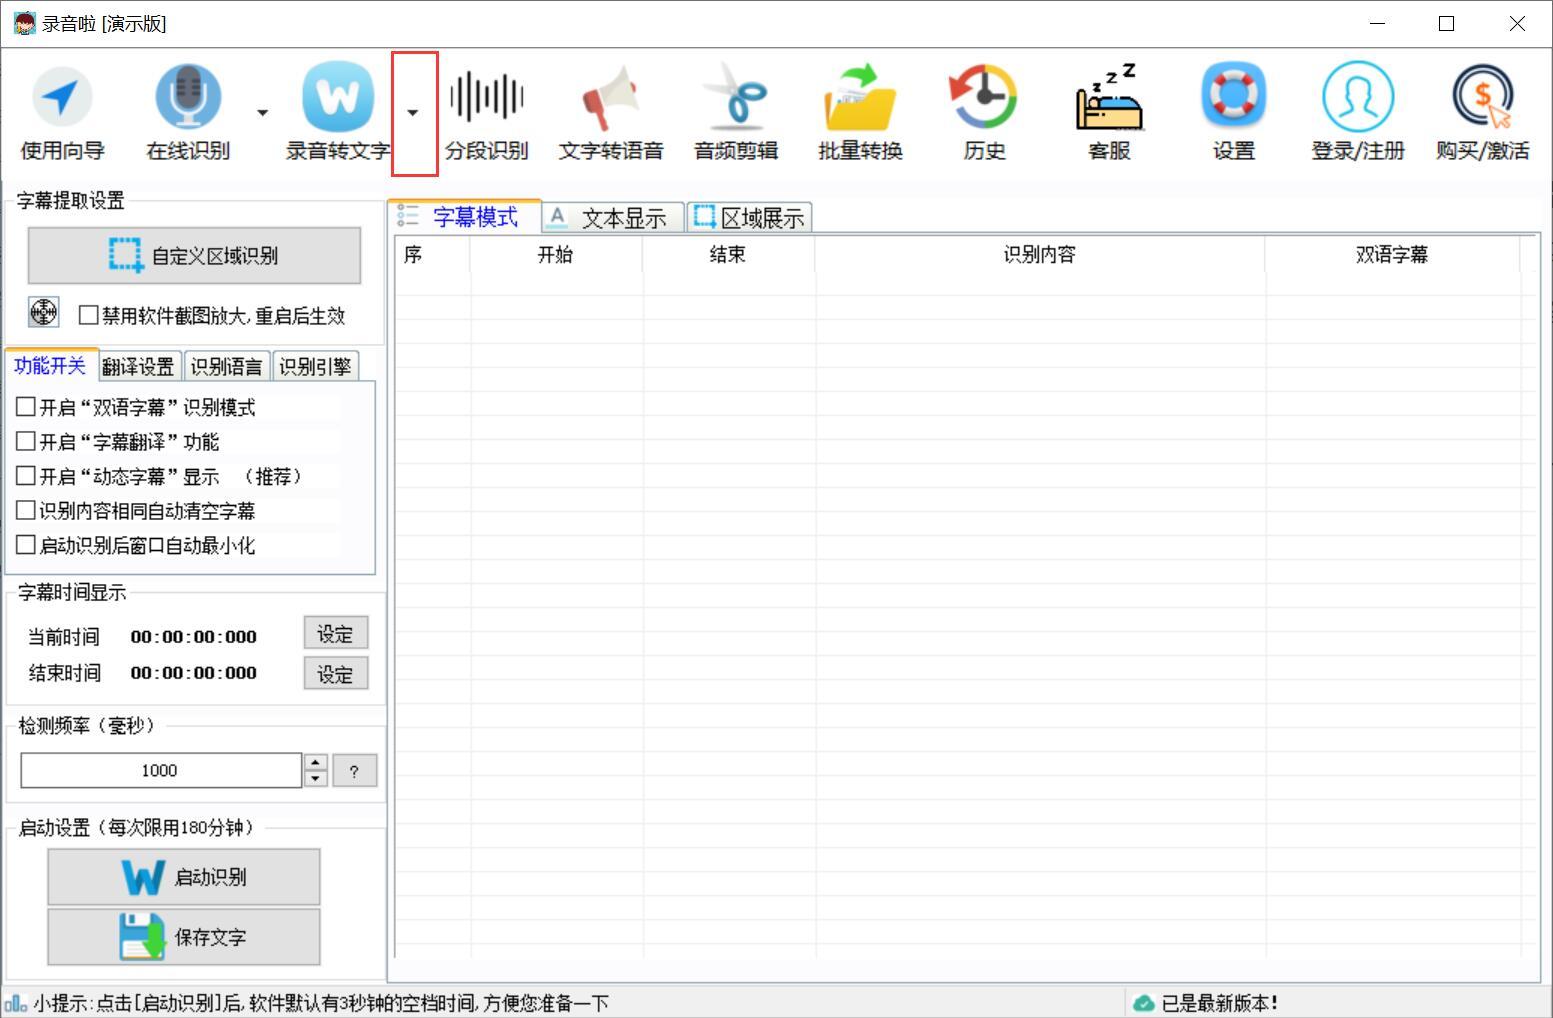 录音啦特色功能:实时提取视频字幕,支持翻译